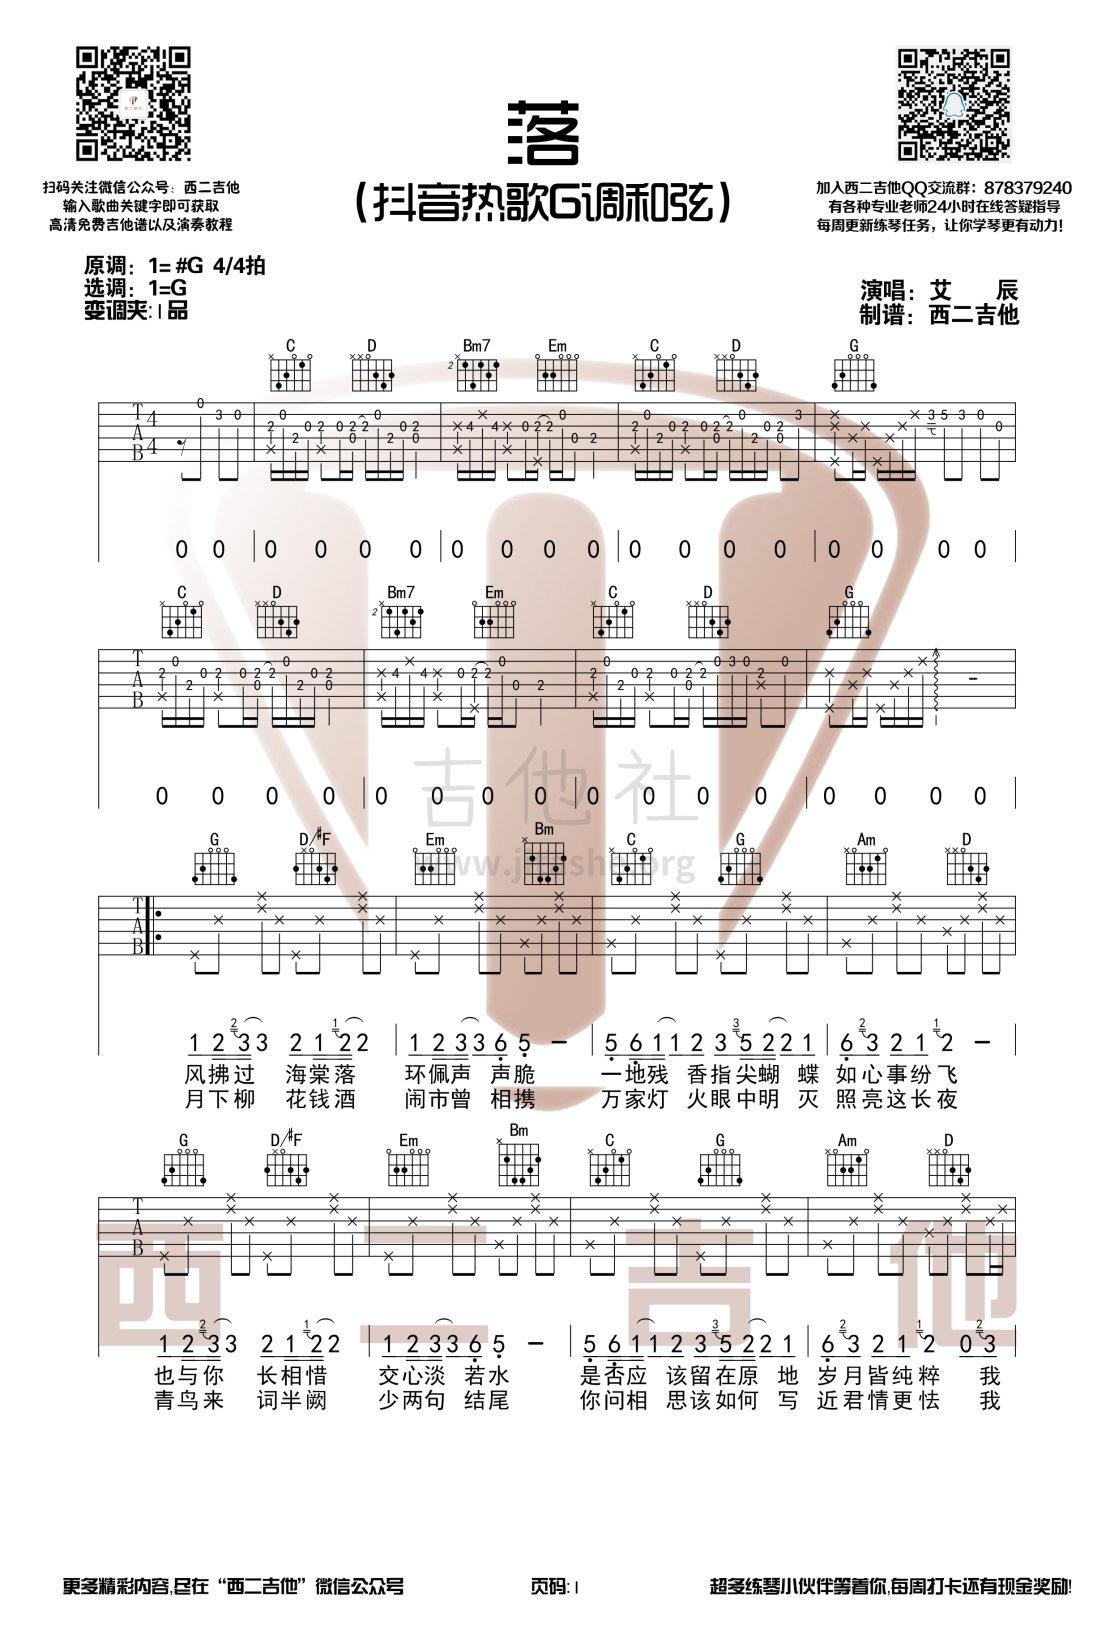 落(抖音上超好听的古风歌曲全网首发)吉他谱(图片谱,西二吉他,弹唱,G调)_艾辰_落1.jpg